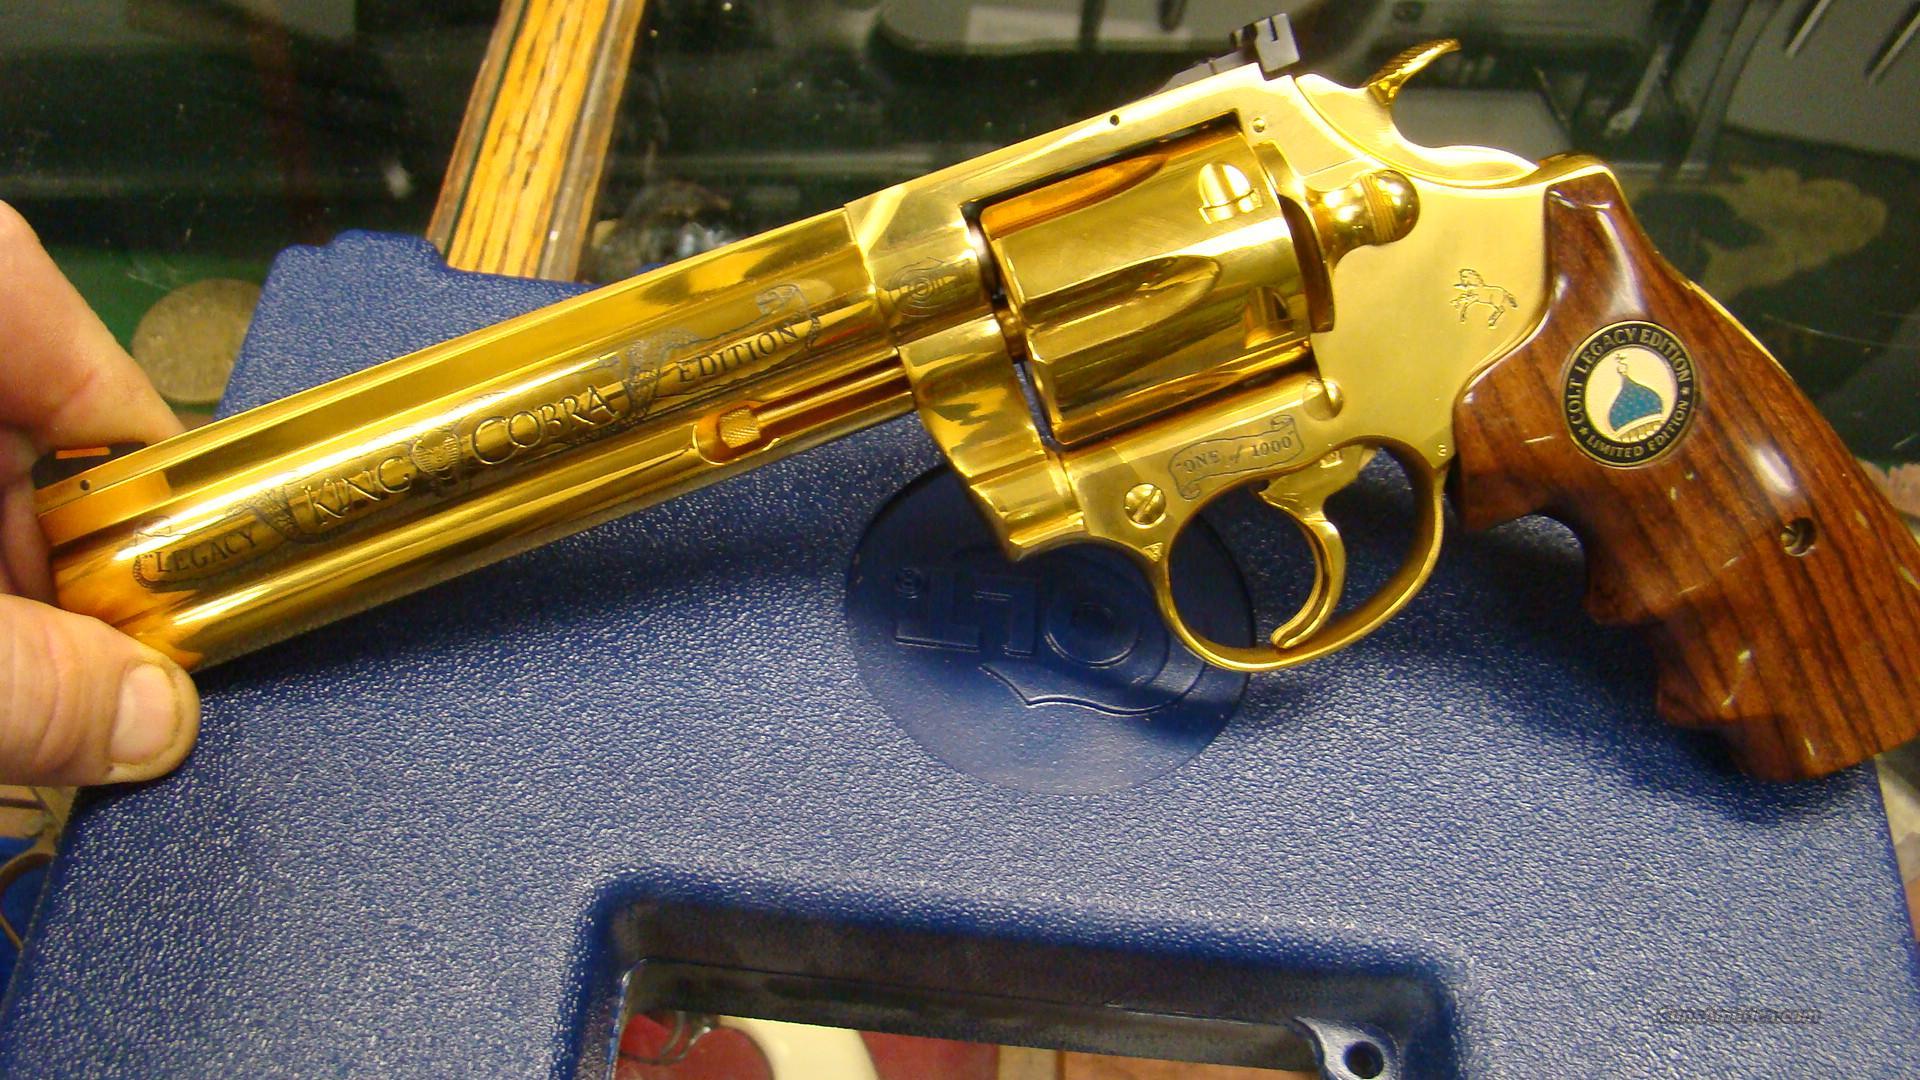 GOLD ENGRAVED 1 OF 1000 COLT KING COBRA GOLD P... for sale